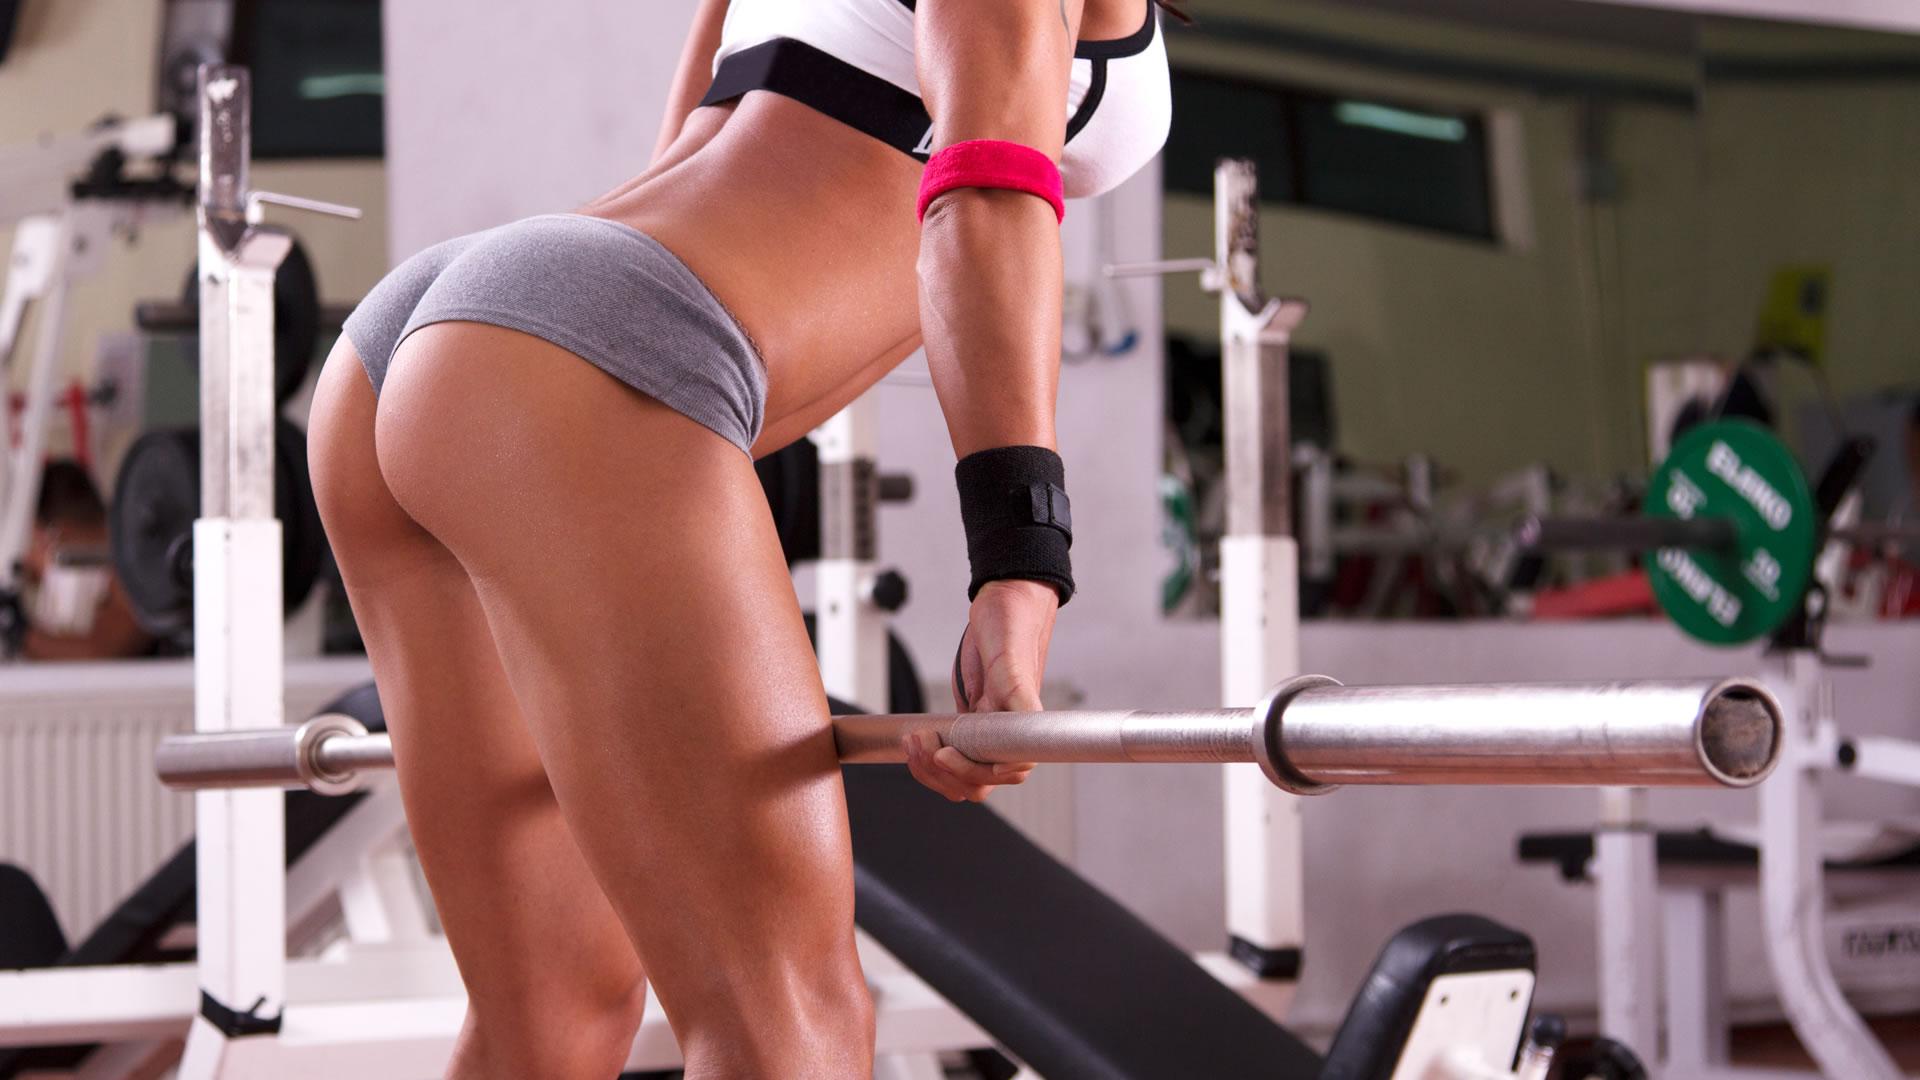 Verdades y mentiras sobre el entrenamiento de piernas y glúteos